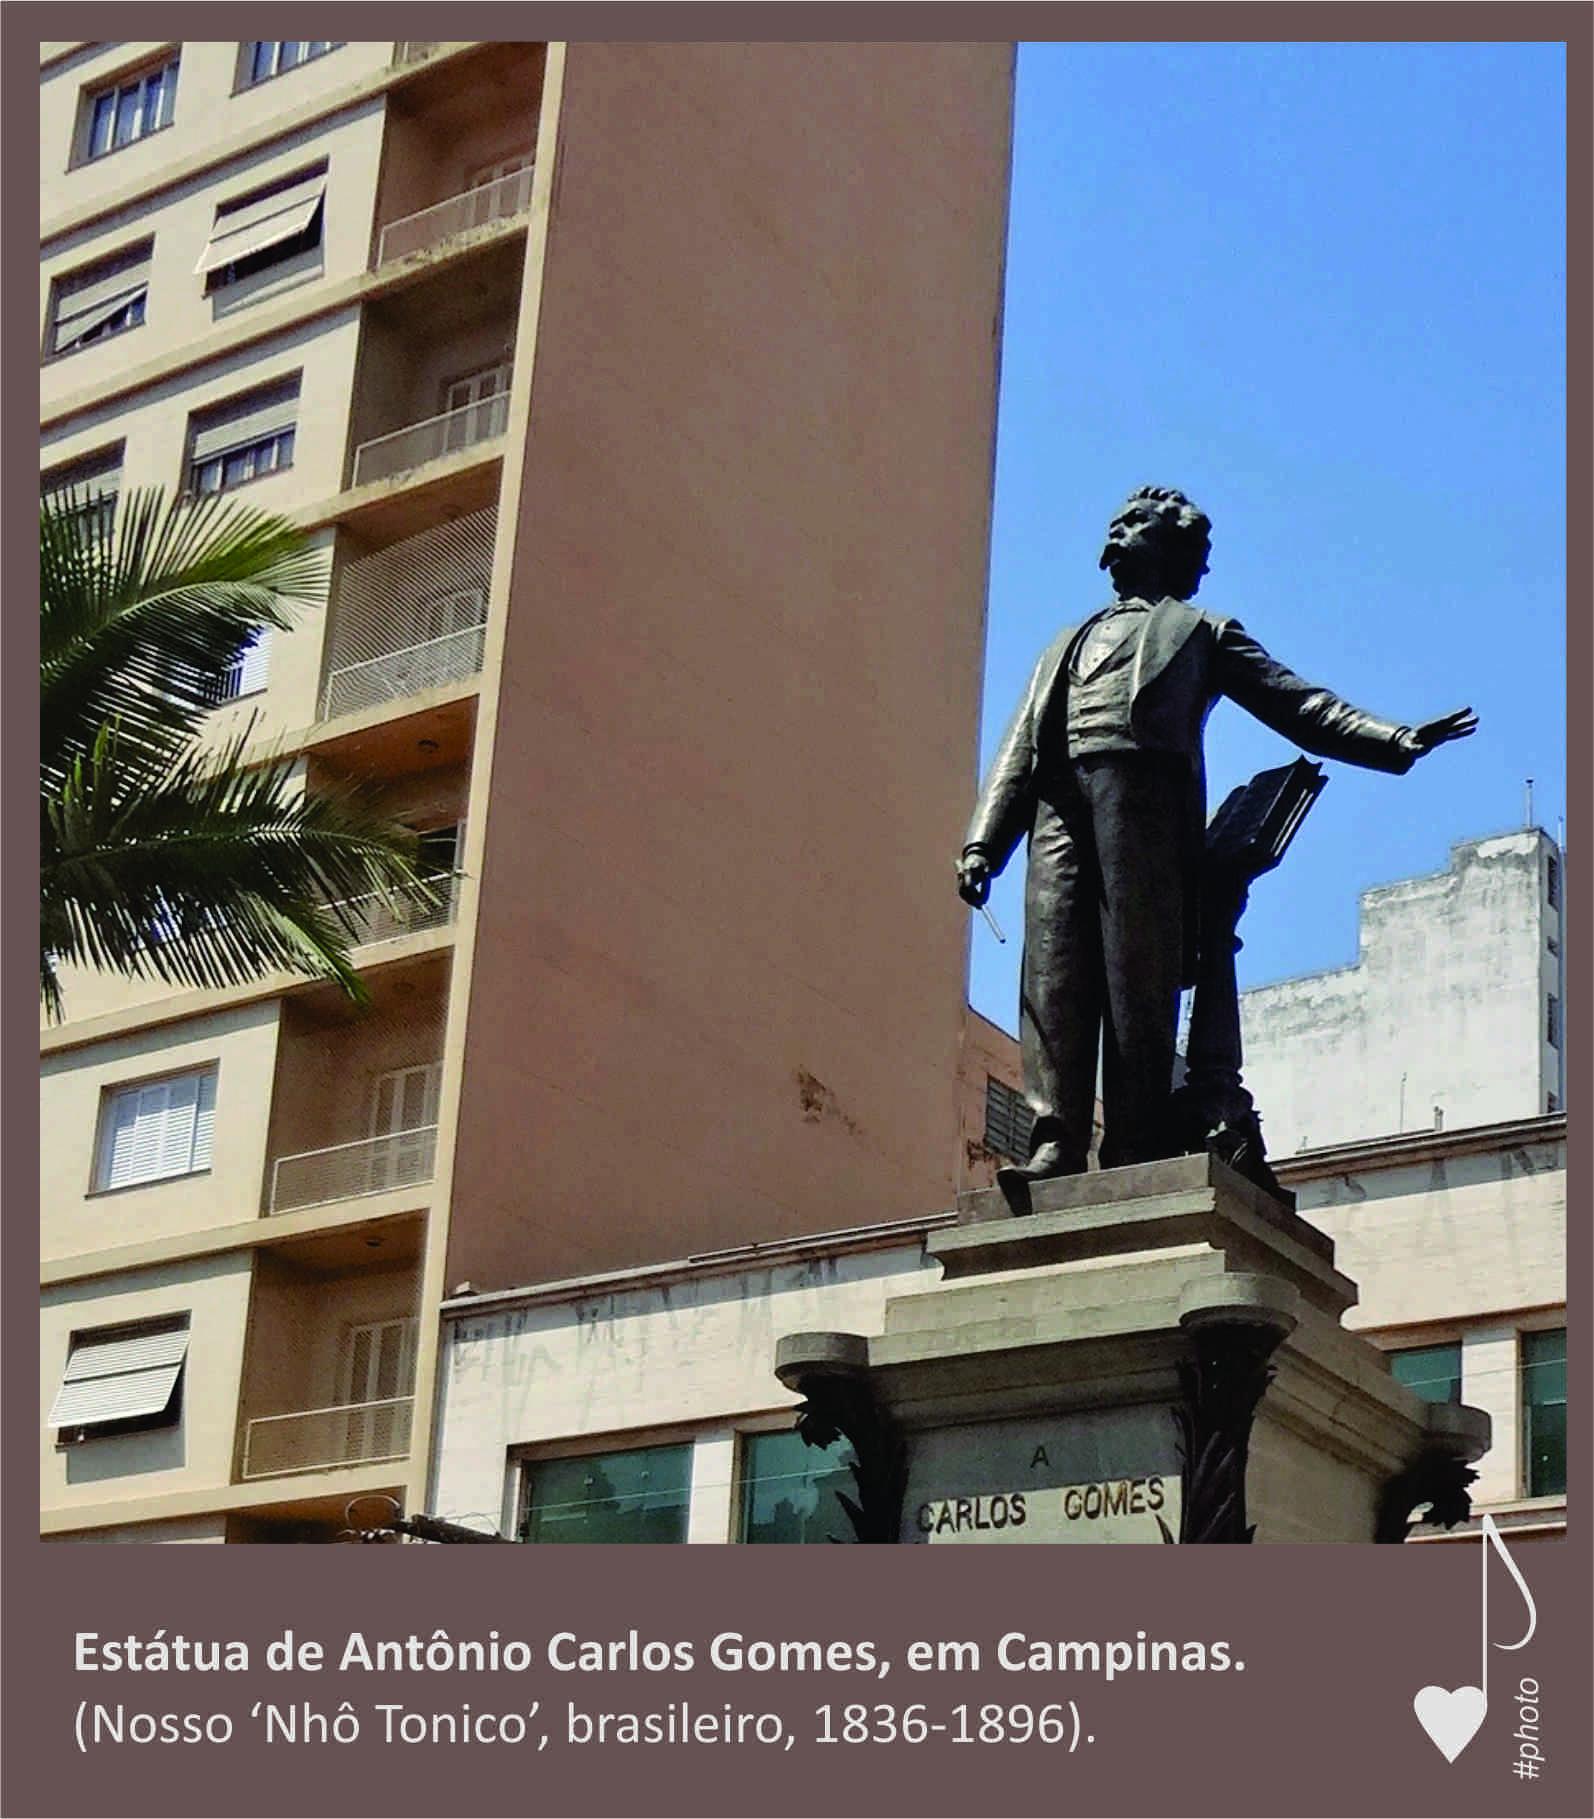 Setembro é o mês em homenagem ao maestro Carlos Gomes